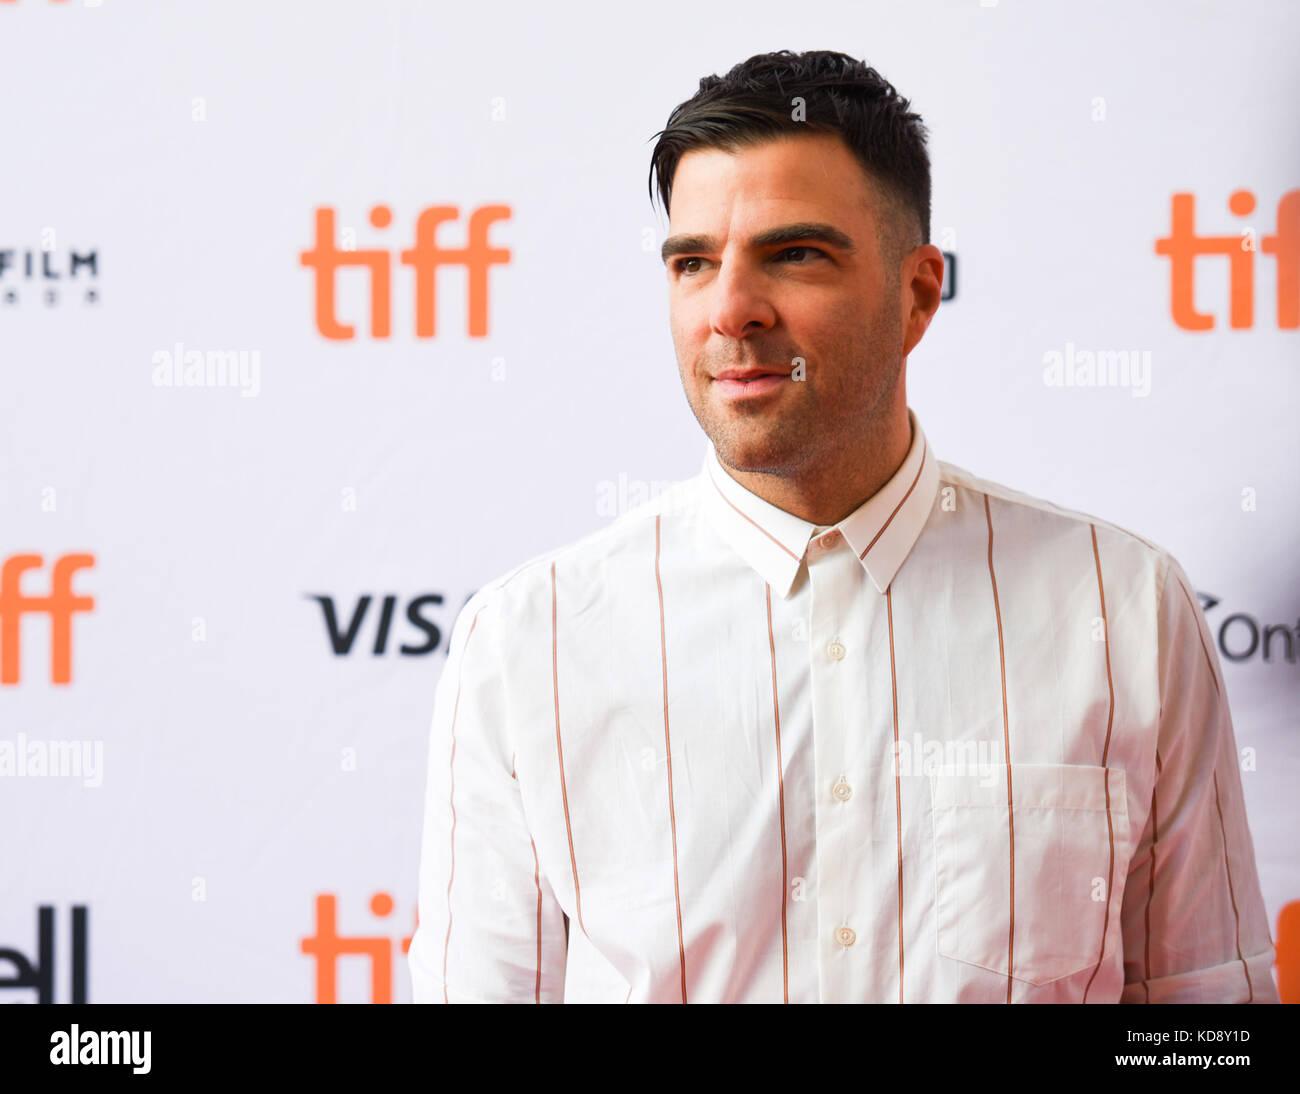 """Xlii toronto international film festival - """"Chi siamo ora' - premiere con: zachary quinto dove: toronto, Canada Foto Stock"""